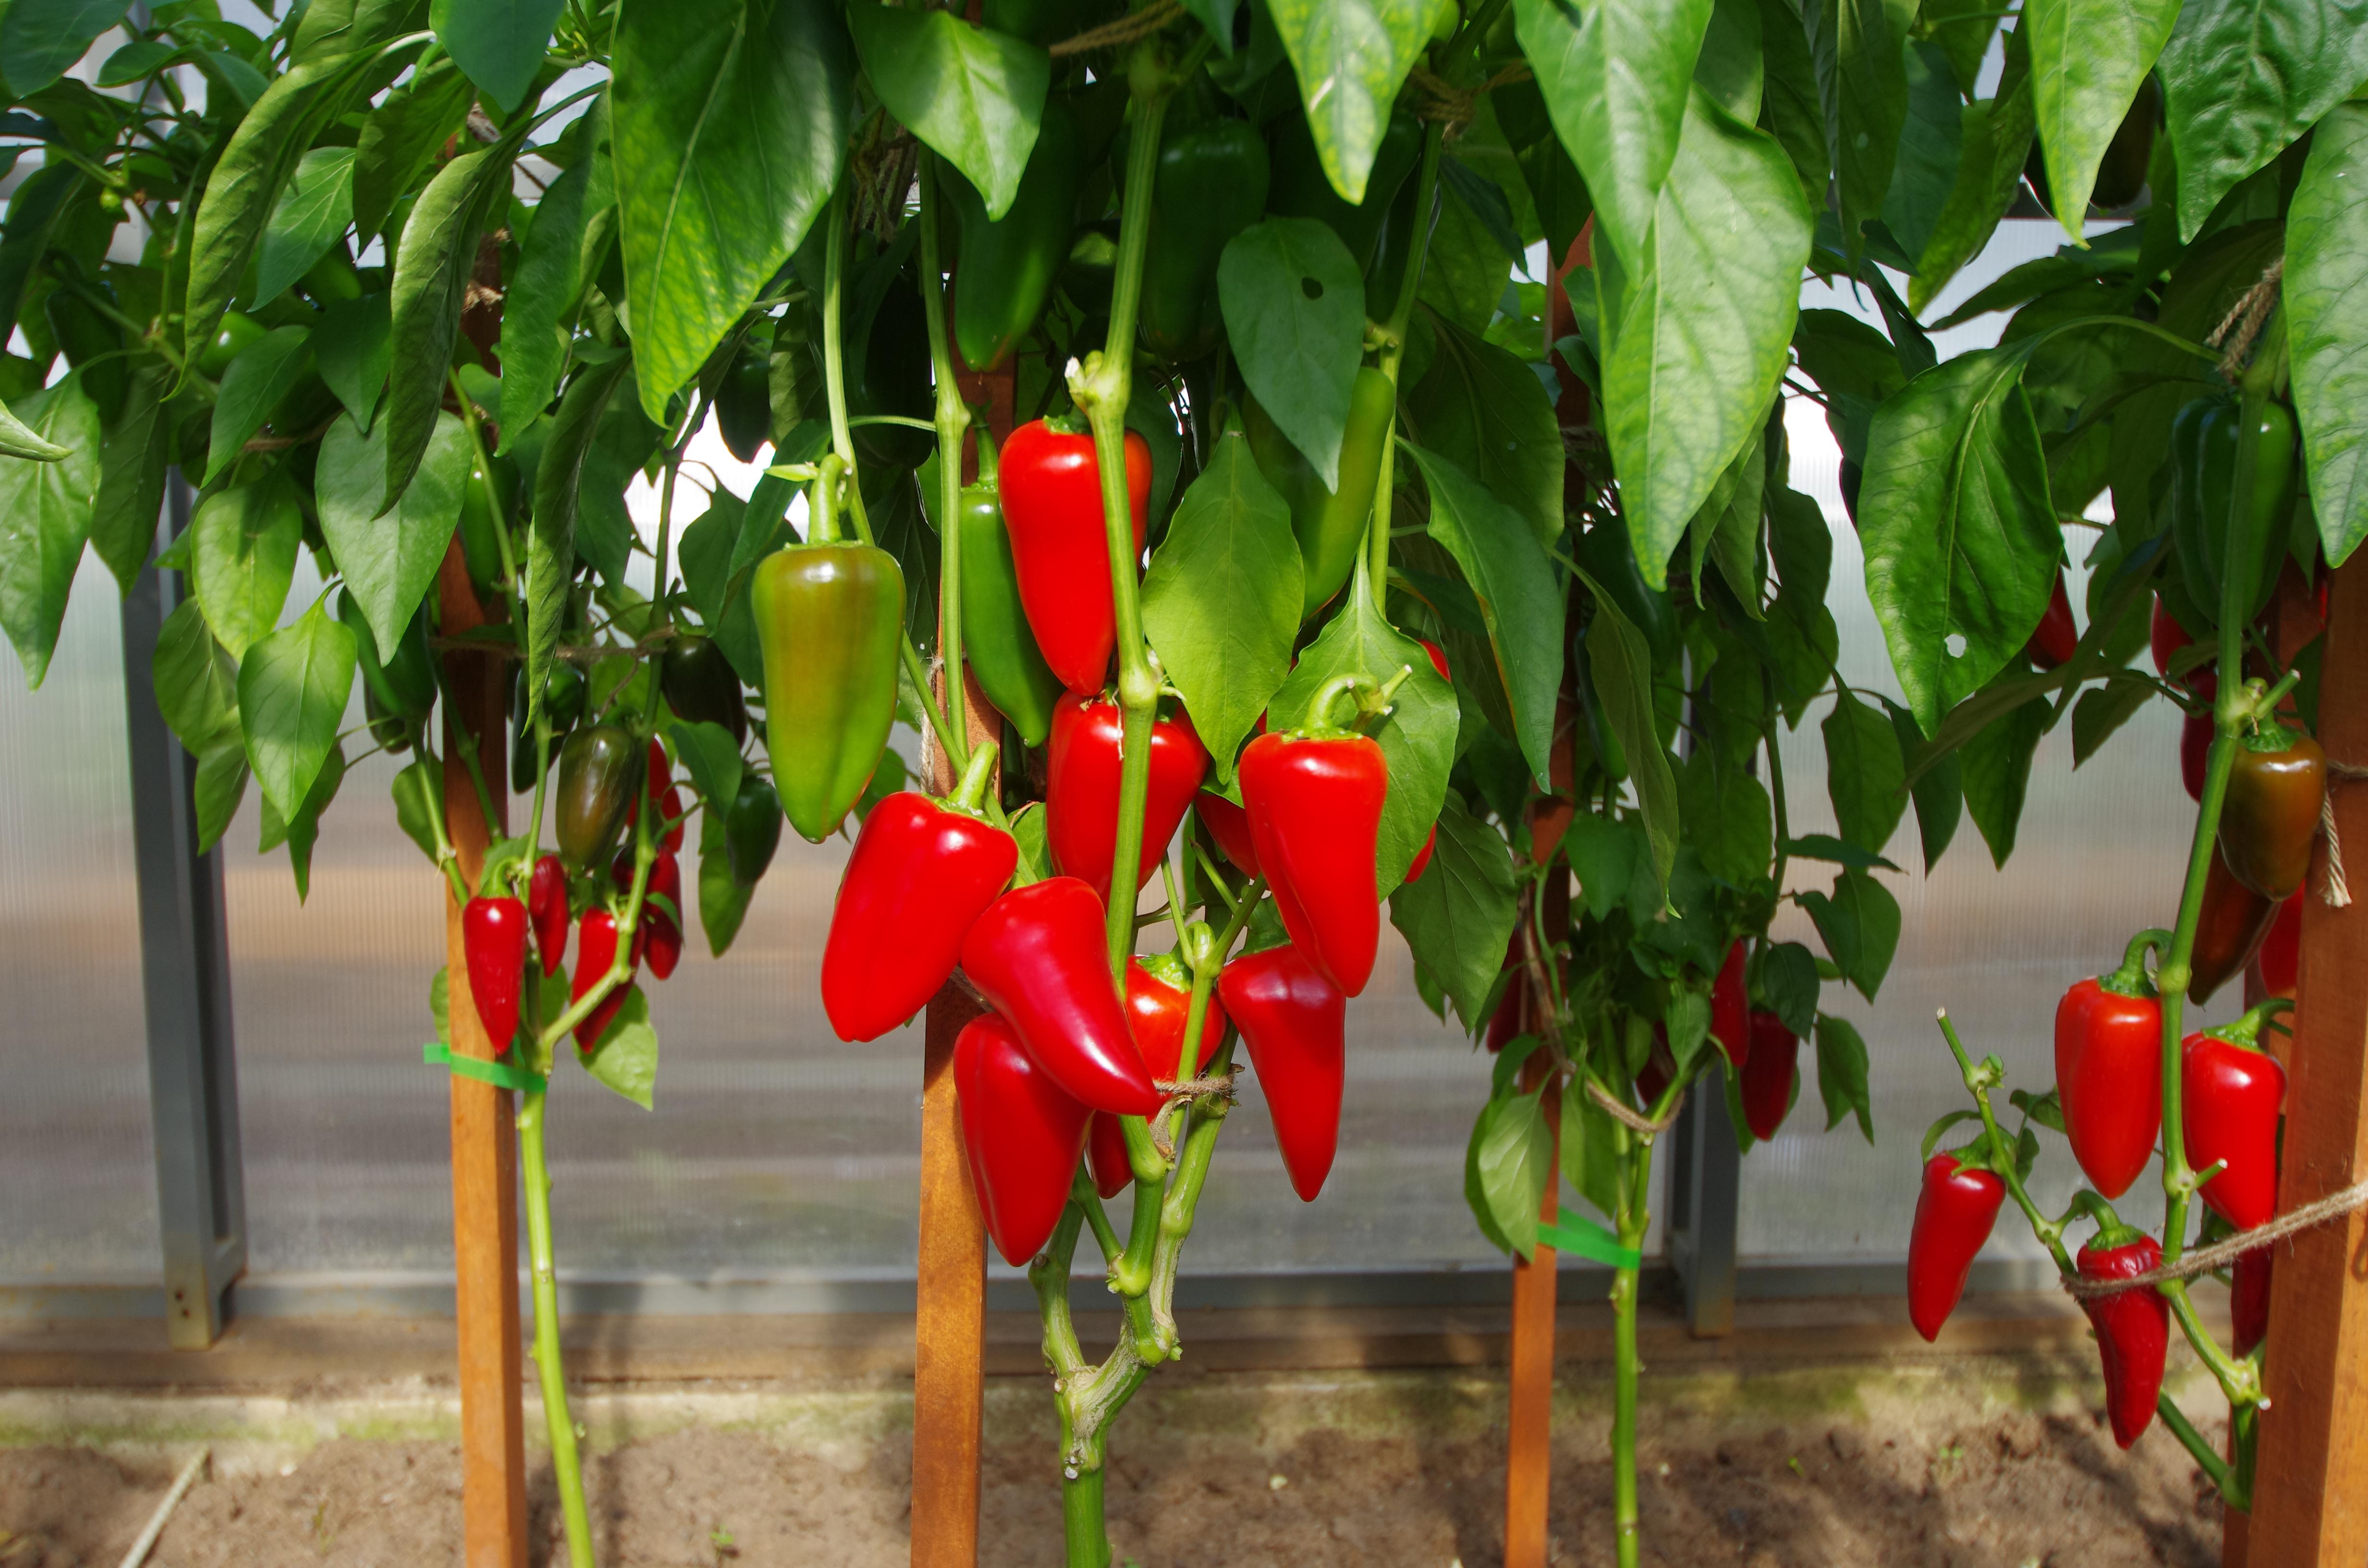 Сорт перца «фламенко»: фото и описание, агротехника выращивания